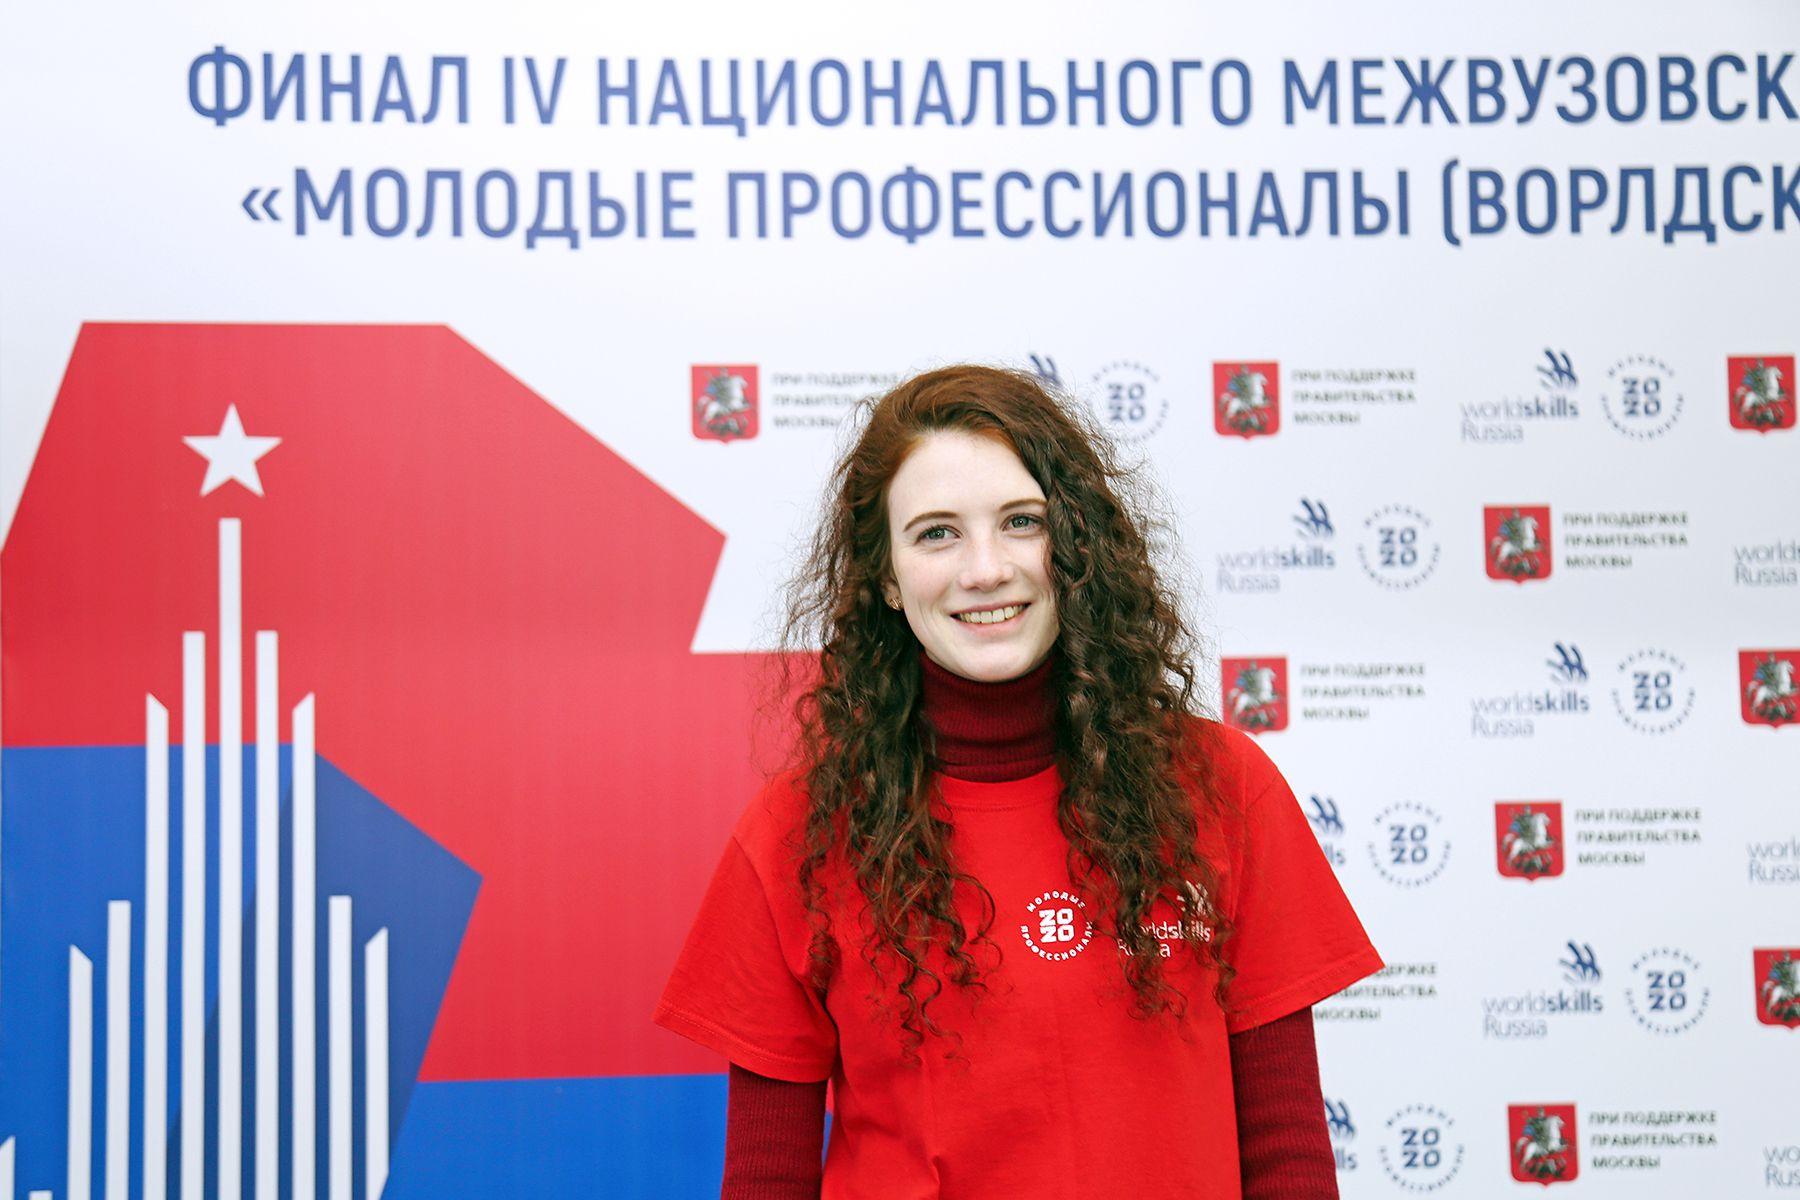 Участники IV Национального межвузовского чемпионата WorldSkills Russia продемонстрировали профессиональные навыки разработки турпродуктов и организации экскурсий